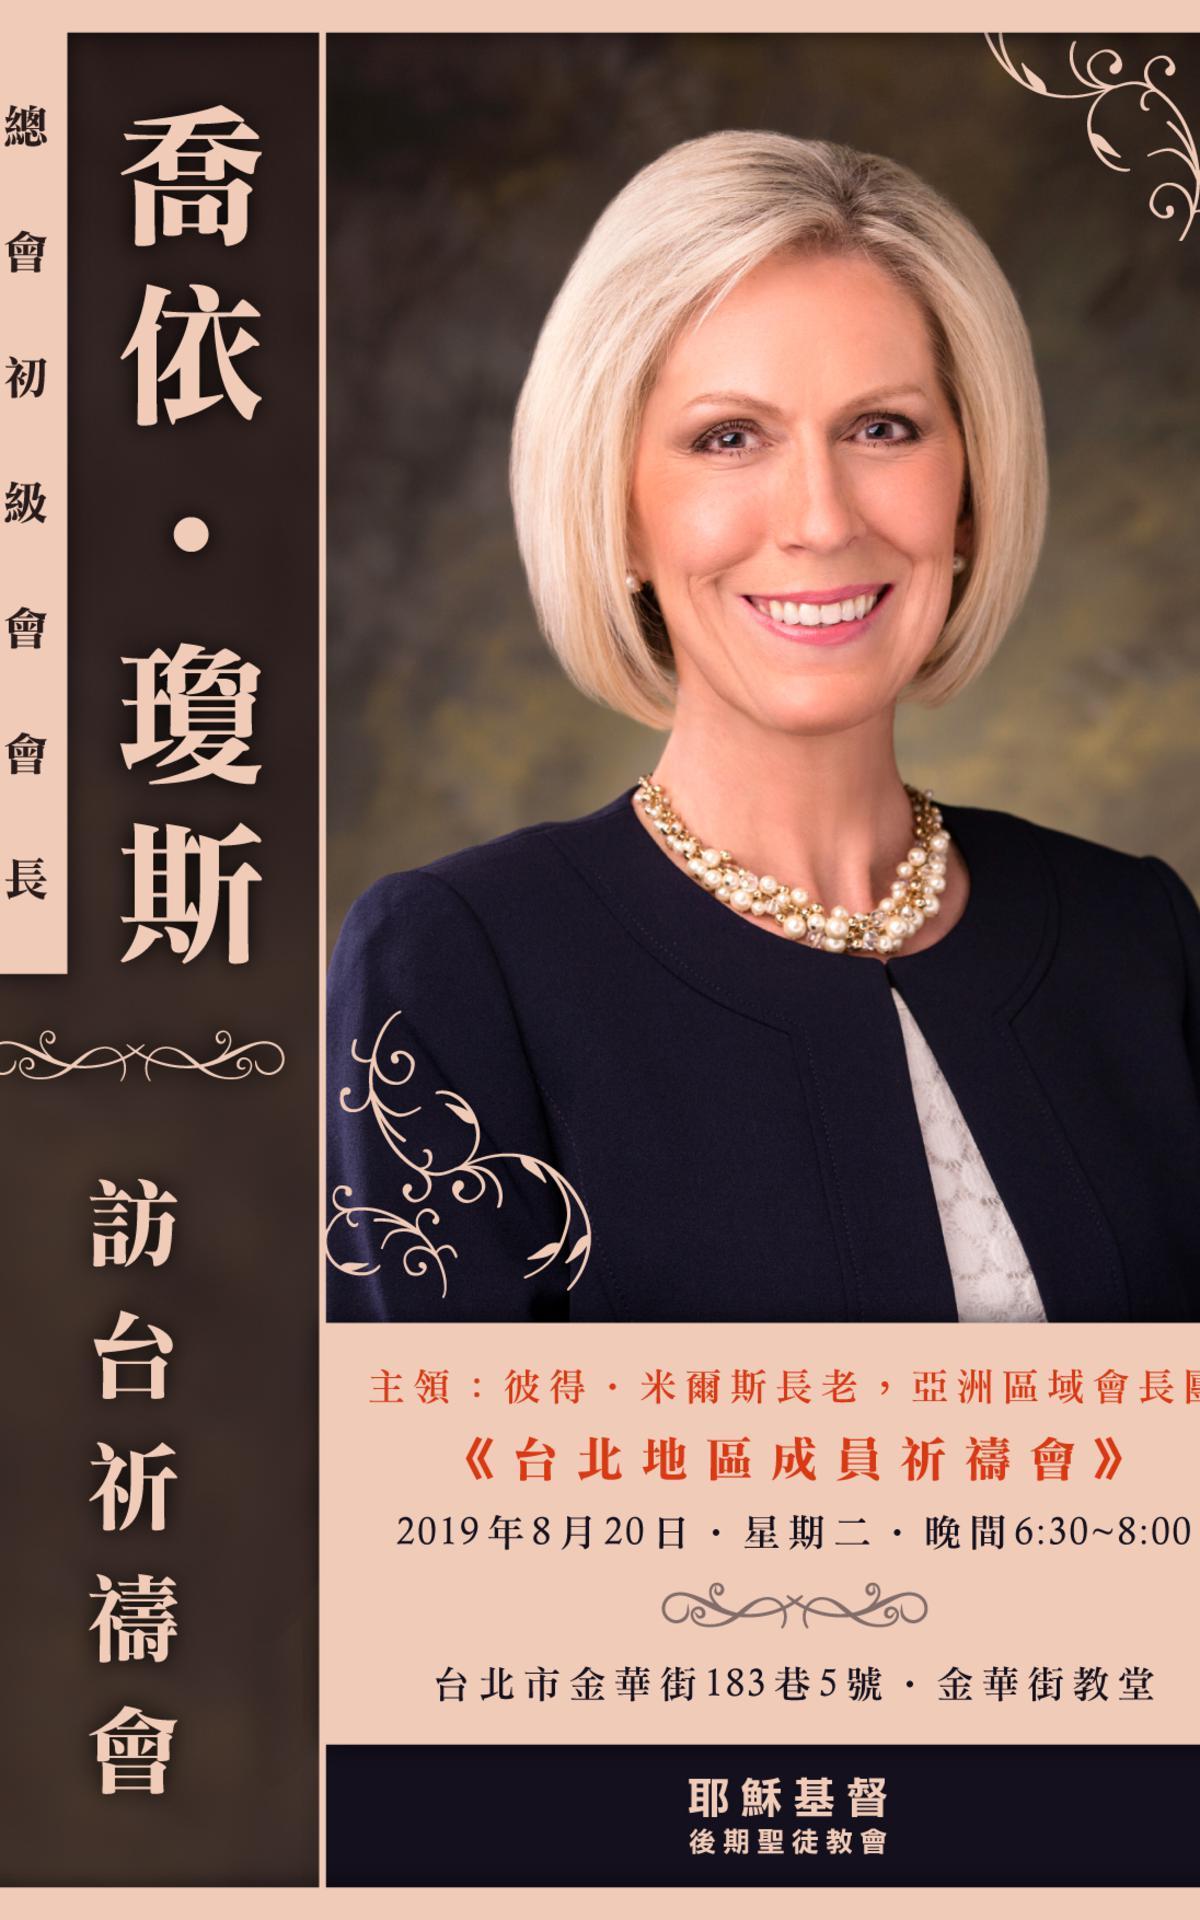 台北地區成員祈禱會 總會初級會會長 喬依·瓊斯姊妹